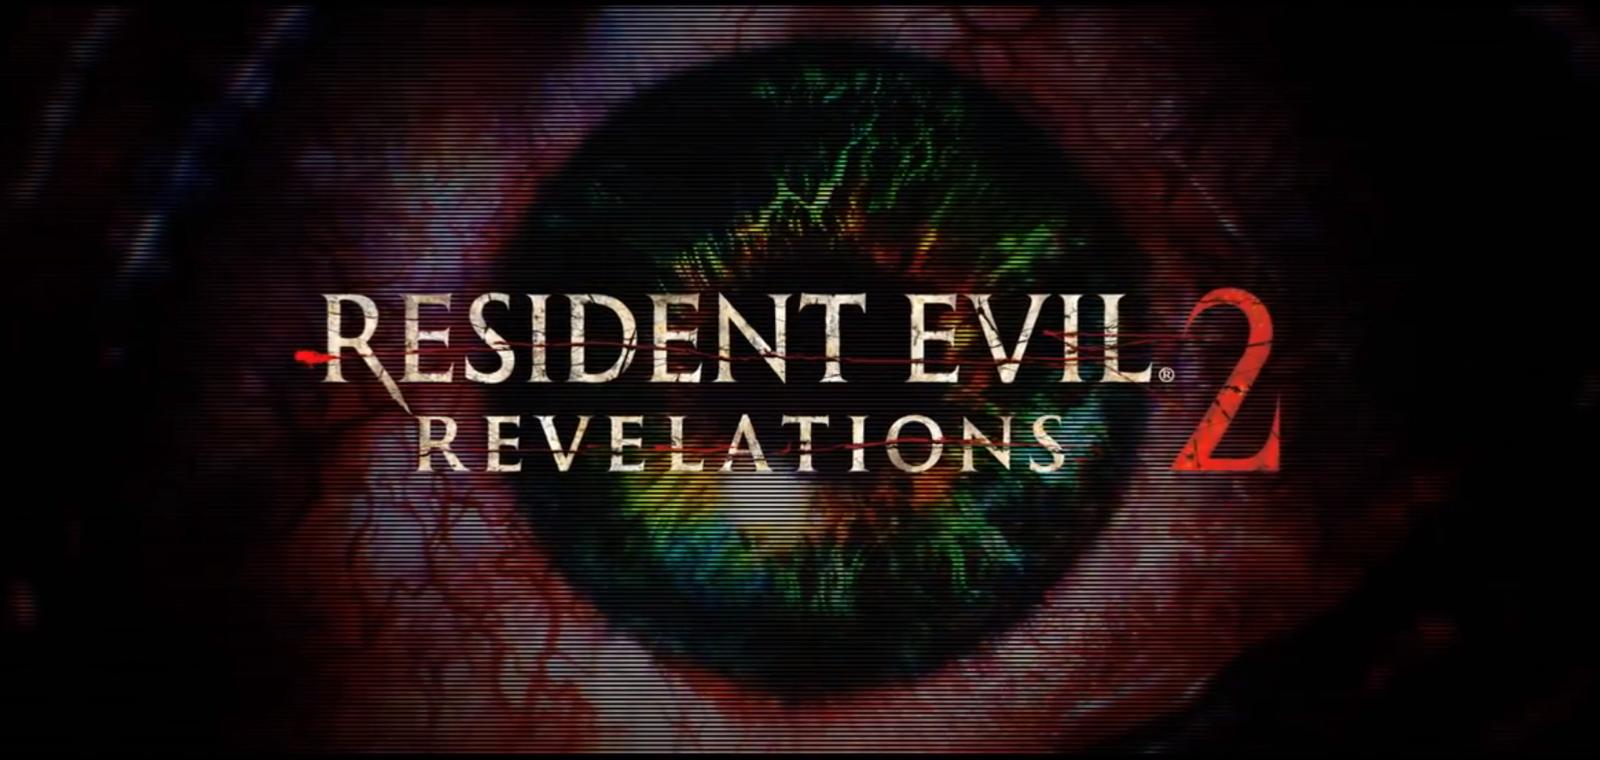 Resident Evil Revelations 2 info + trailer